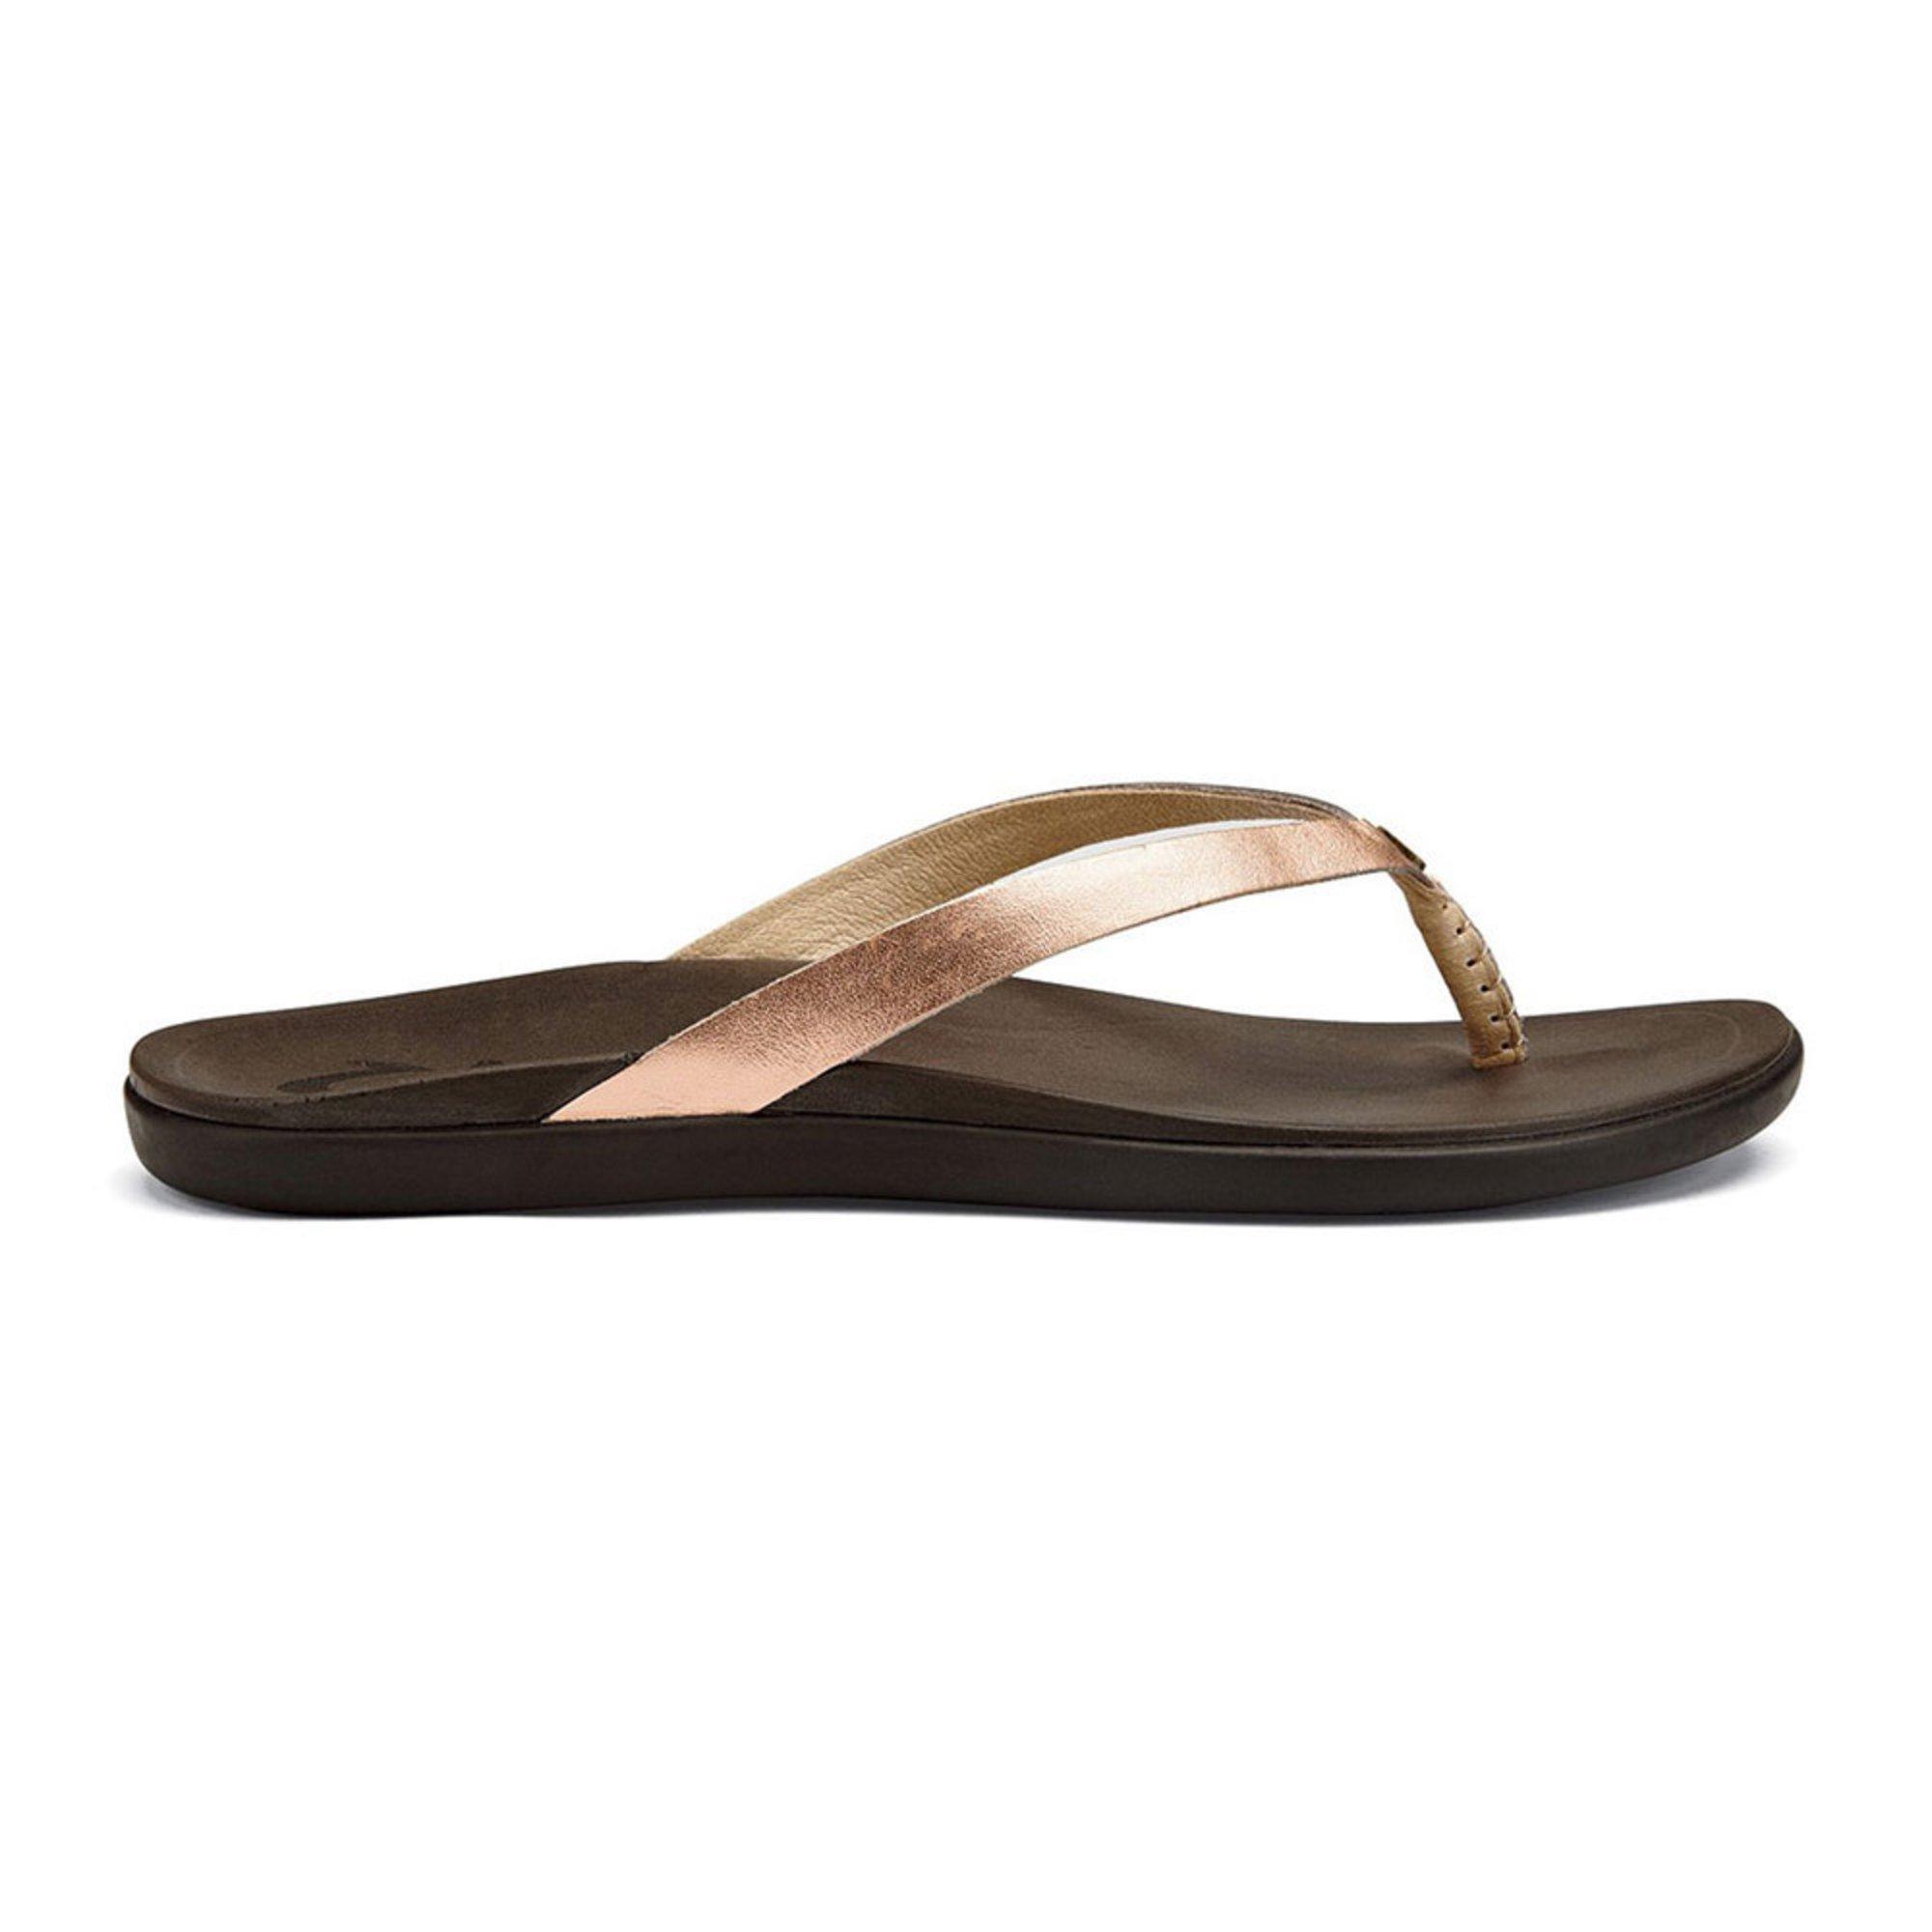 25a17f4e2 Olukai Women's Ho'opio Sandal | Women's Sandals | Shoes - Shop Your ...